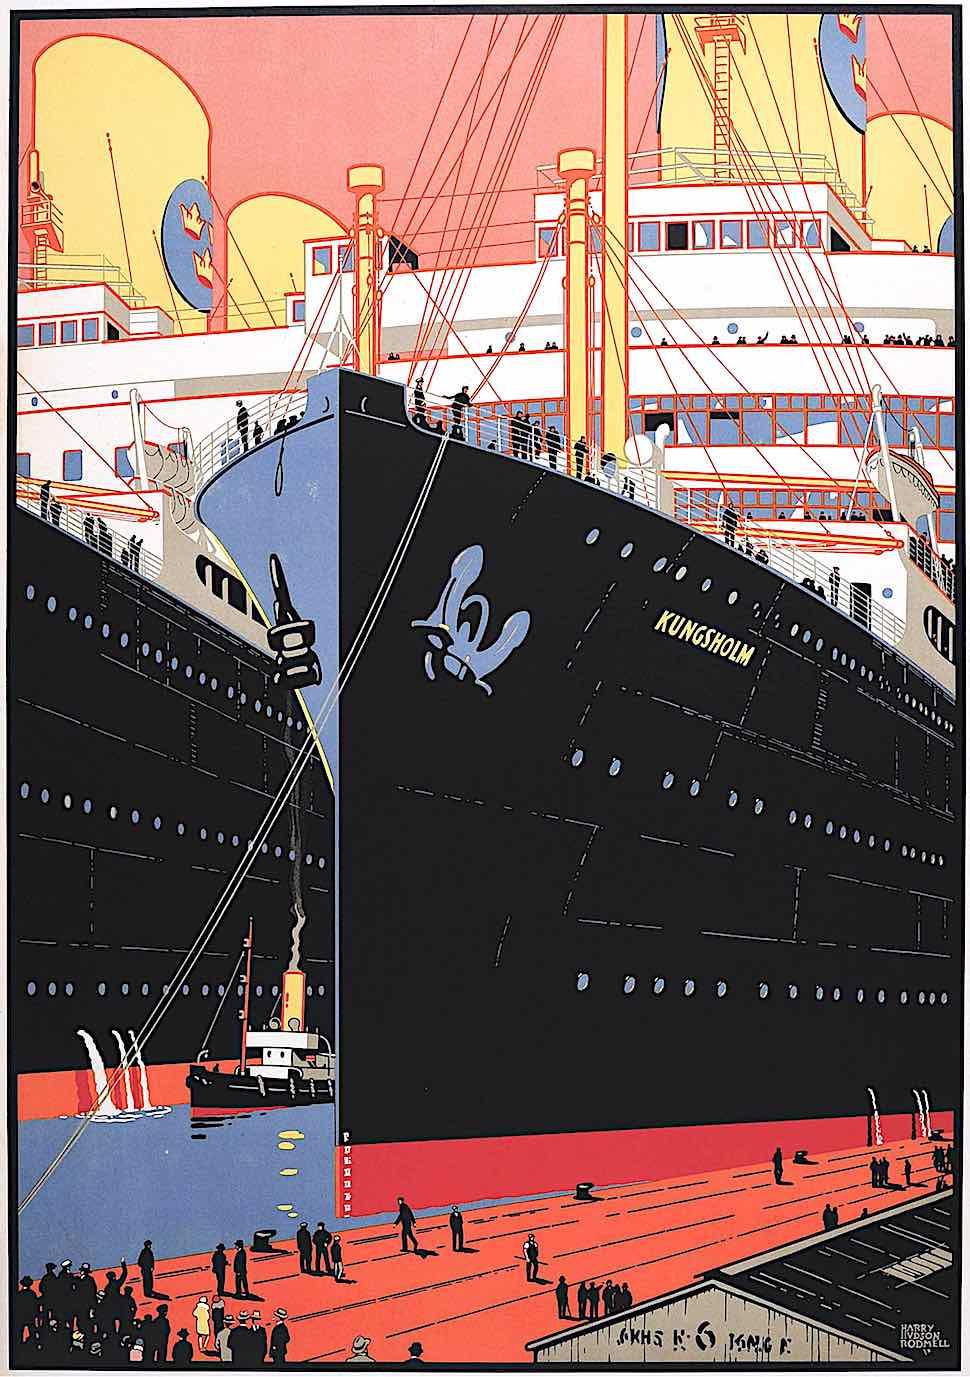 a Harry Hudson Rodmell travel poster illustration of giant ships at dock, Kungsholm